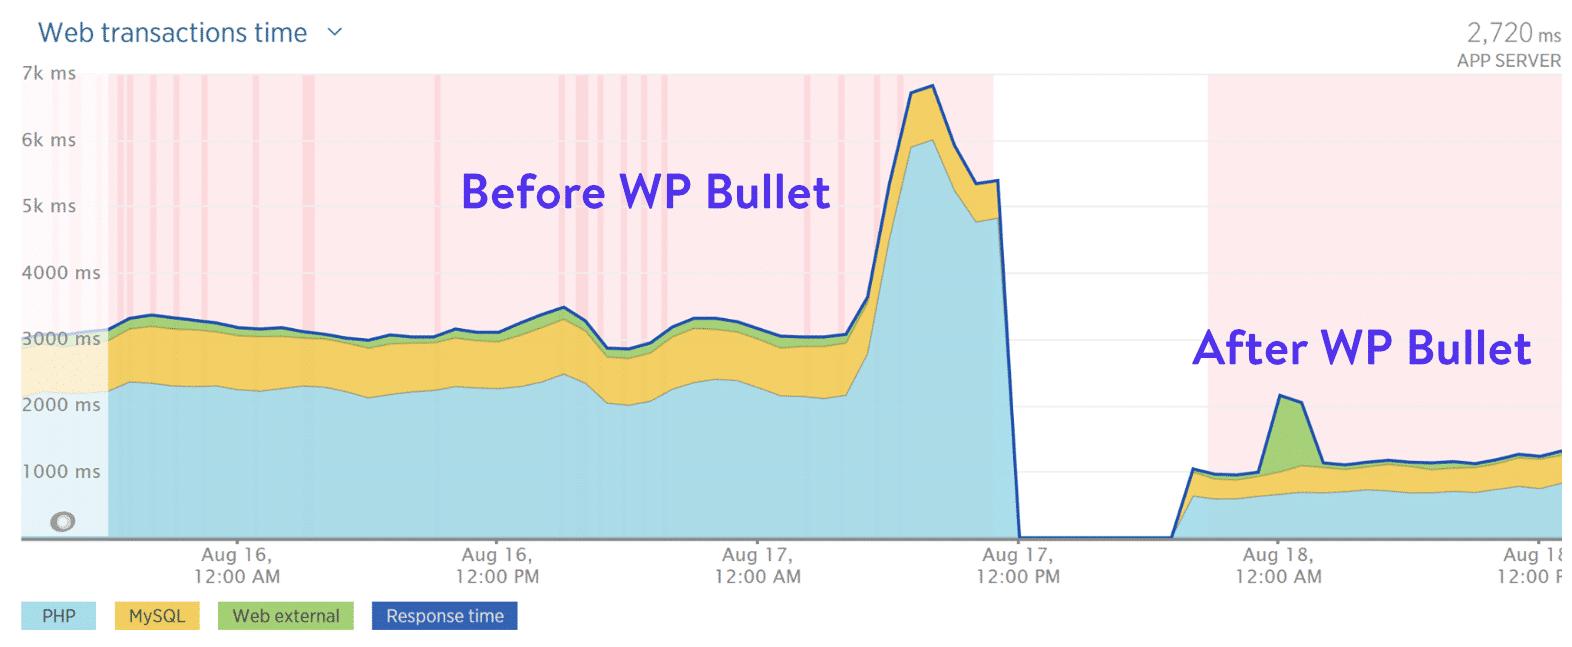 Voor en na WP Bullet